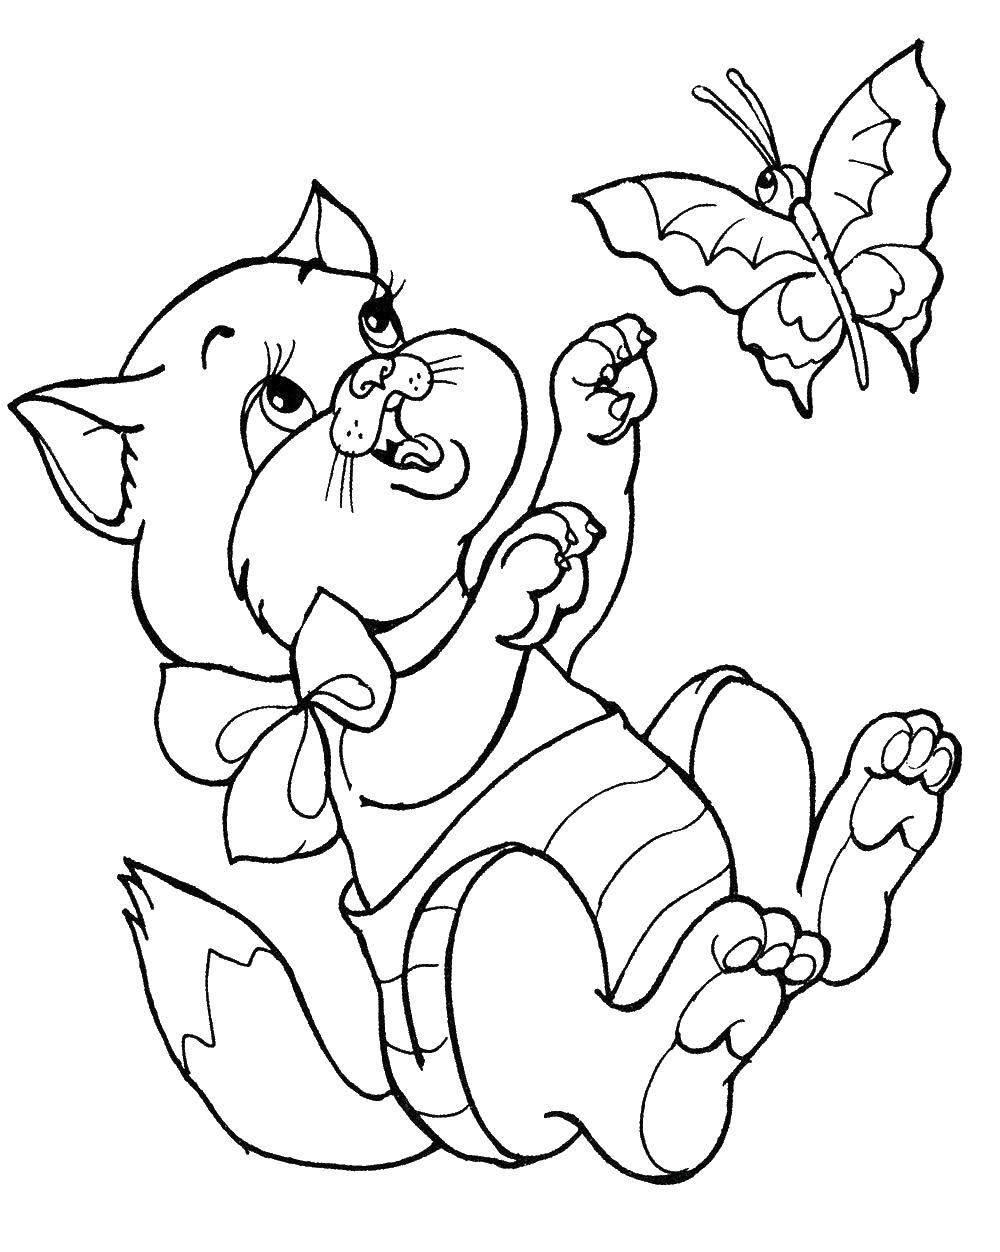 Раскраски Раскраска Маленький милый котенок играется с ...